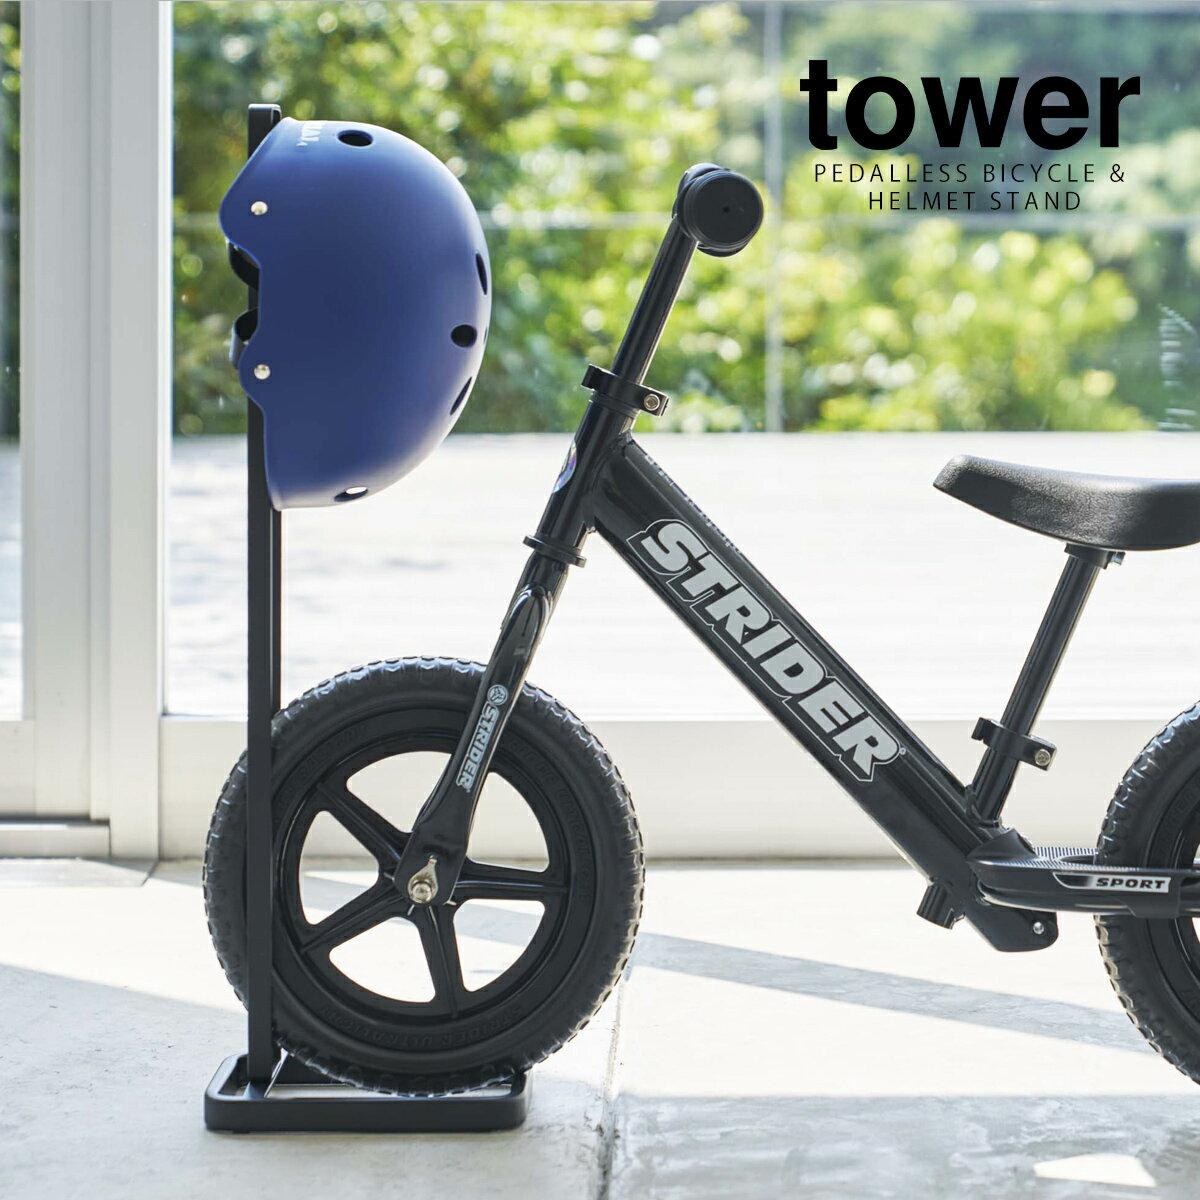 日本Tower  /  居家生活 兒童滑步車 置物架  /  roomy-ymz19jan24h45  /  日本必買 日本樂天直送(3730) /  件件含運 0